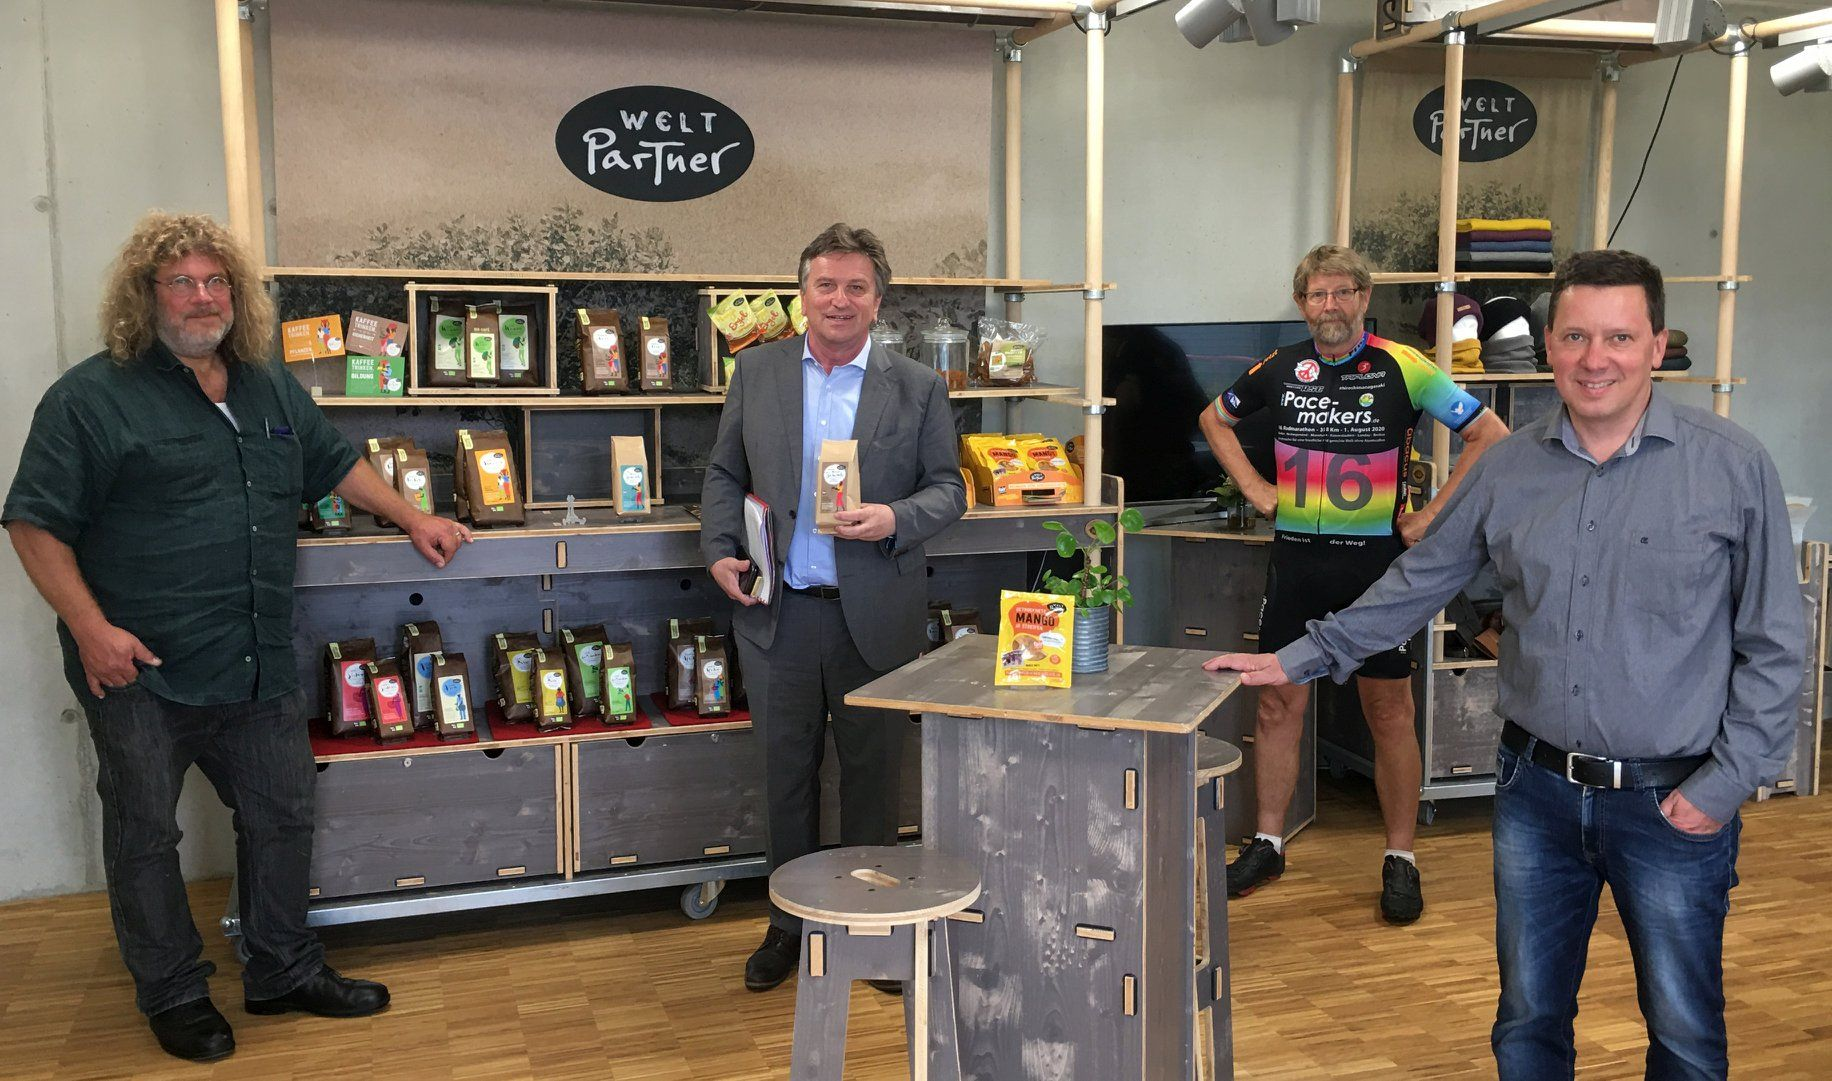 Mit Weltpartner hat eines der größten deutschen Fairhandels-Unternehmen seinen Sitz jetzt im Ravensburger Gewerbegebiet Erlen. Von links nach rechts: Vorstand Rainer Ziesel, Manne Lucha, Aufsichtsratsvorsitzender Kajo Aicher und Vorstand Thomas Hoyer.